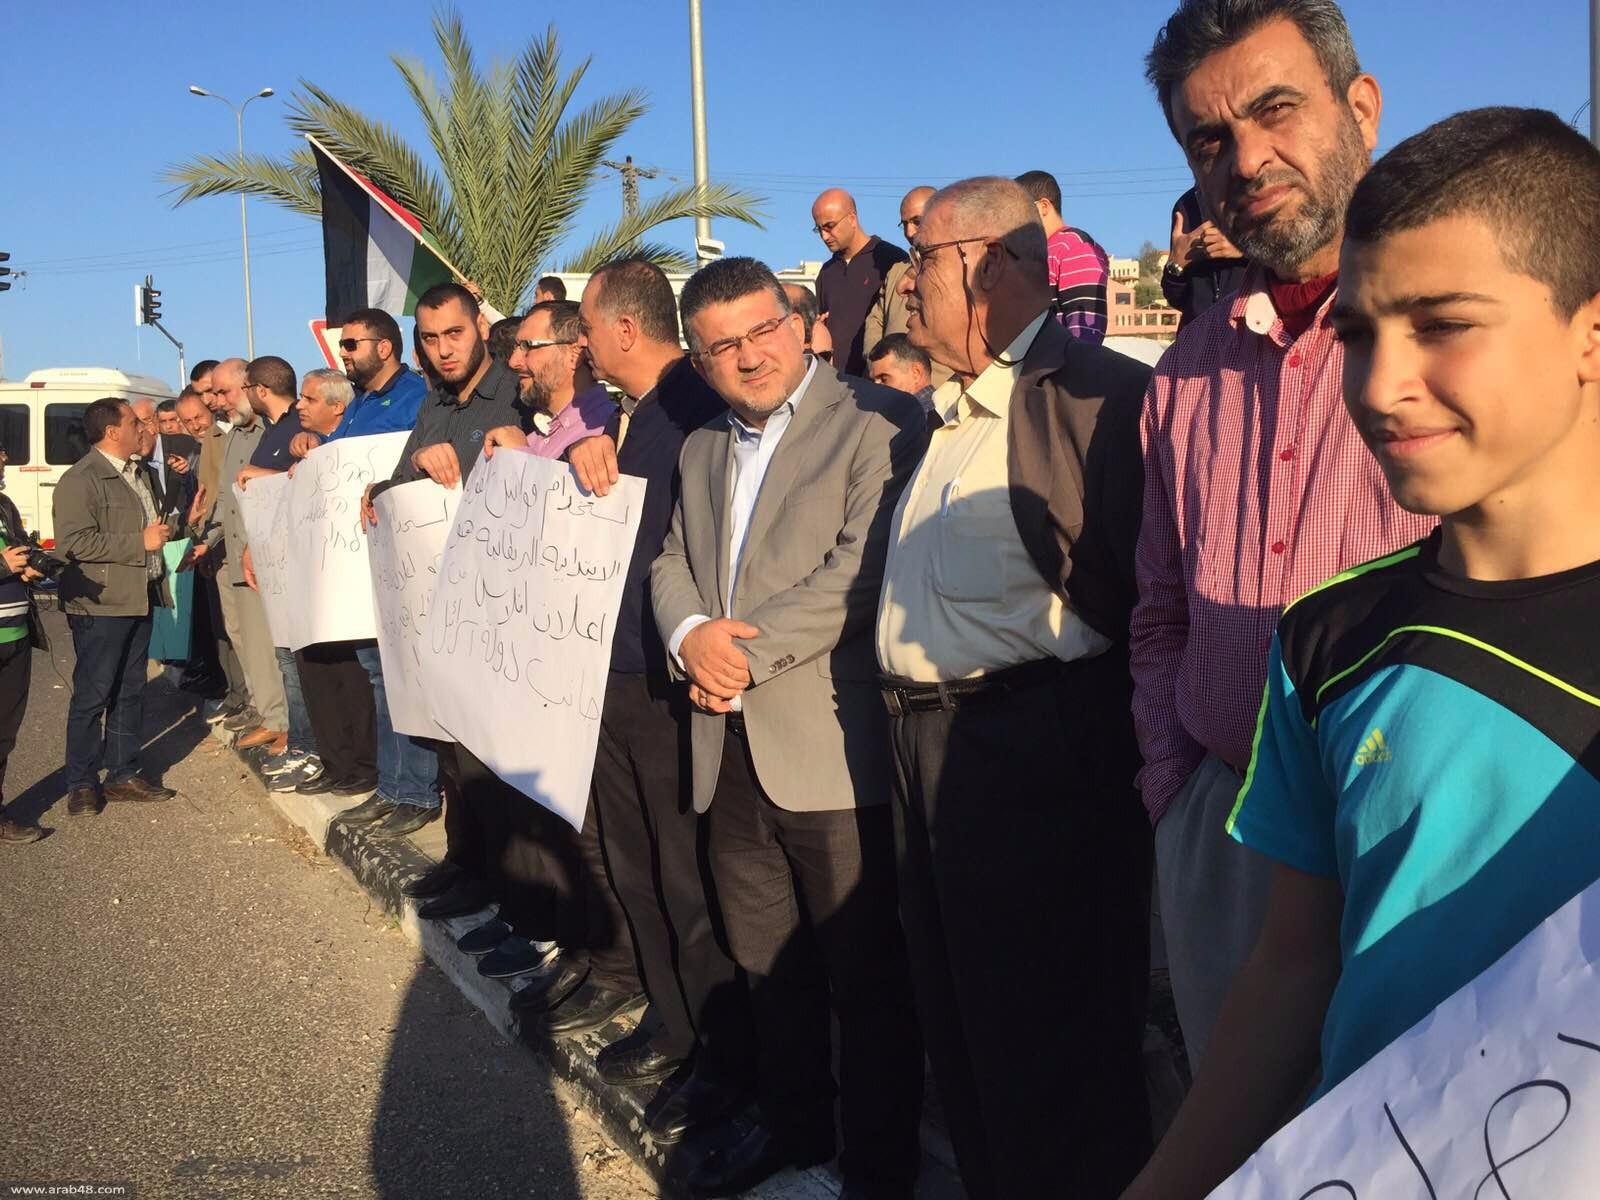 أم الفحم: تظاهرة نصرة للحركة الإسلامية